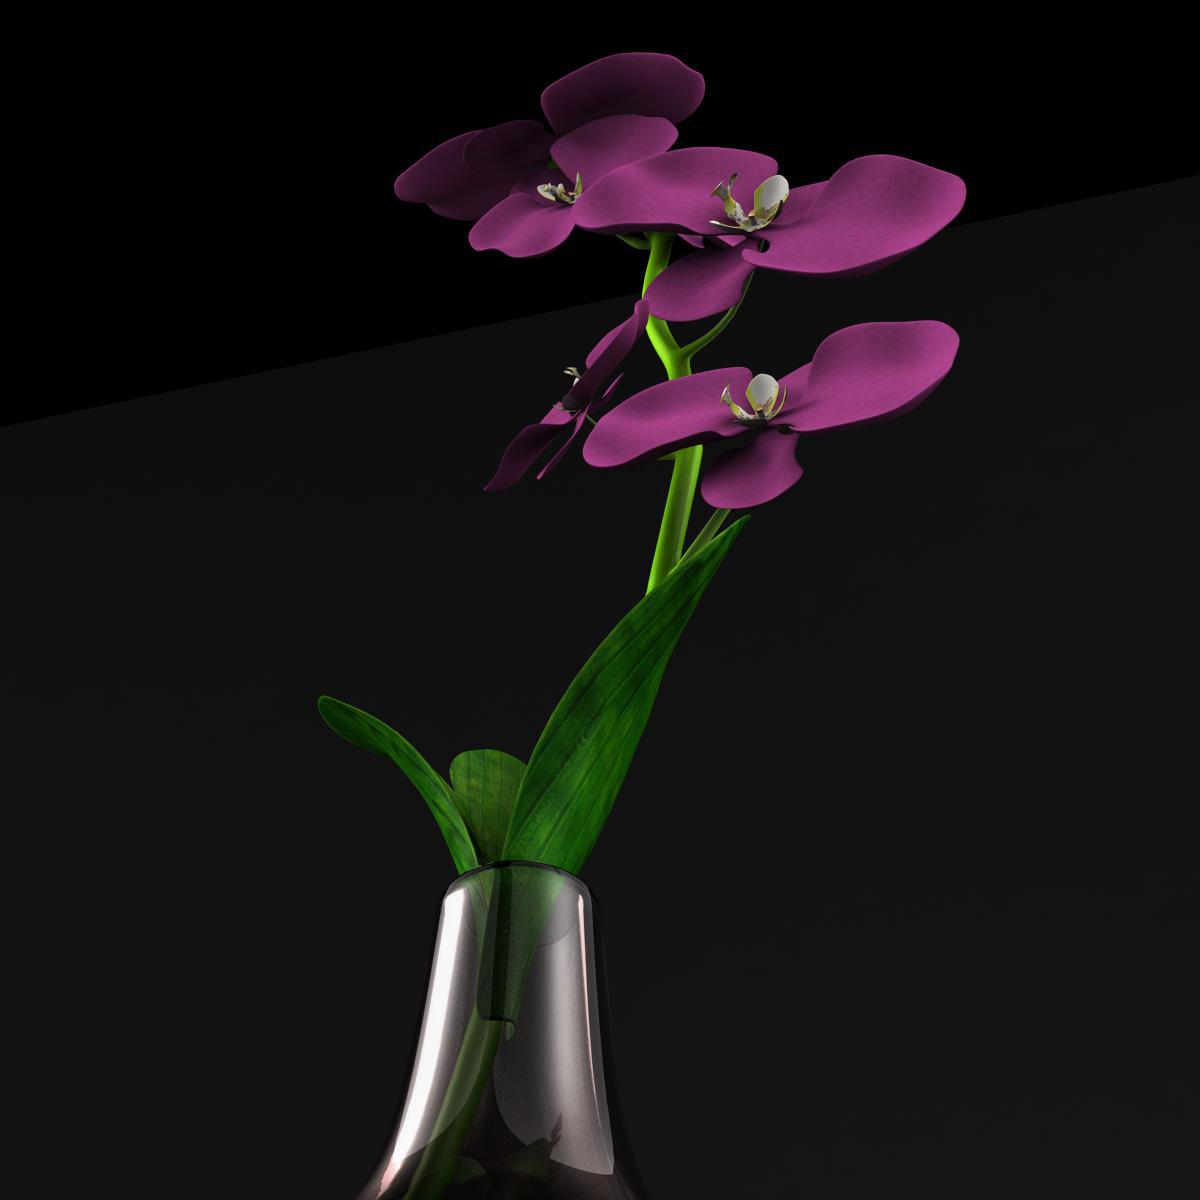 cvijetna baza 3d model 3ds max fbx ma mb obj 158100